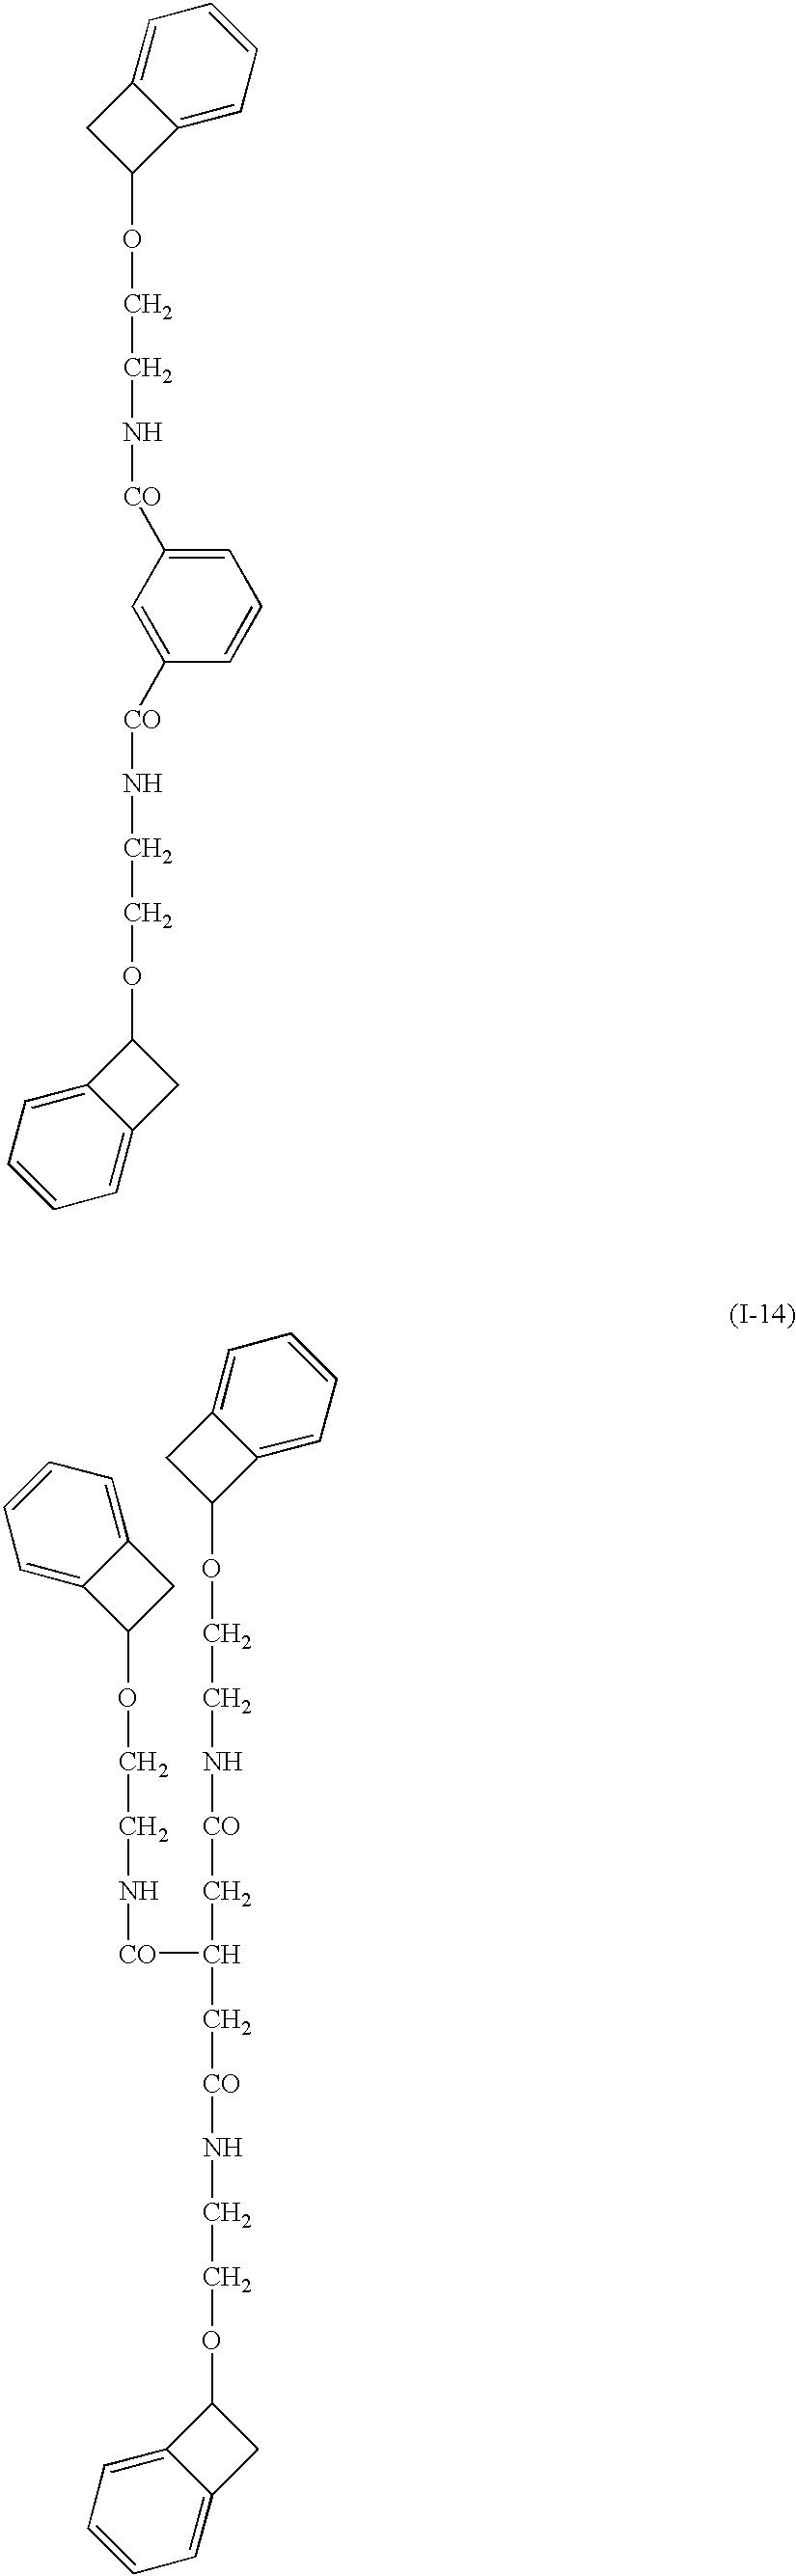 Figure US20030165778A1-20030904-C00012